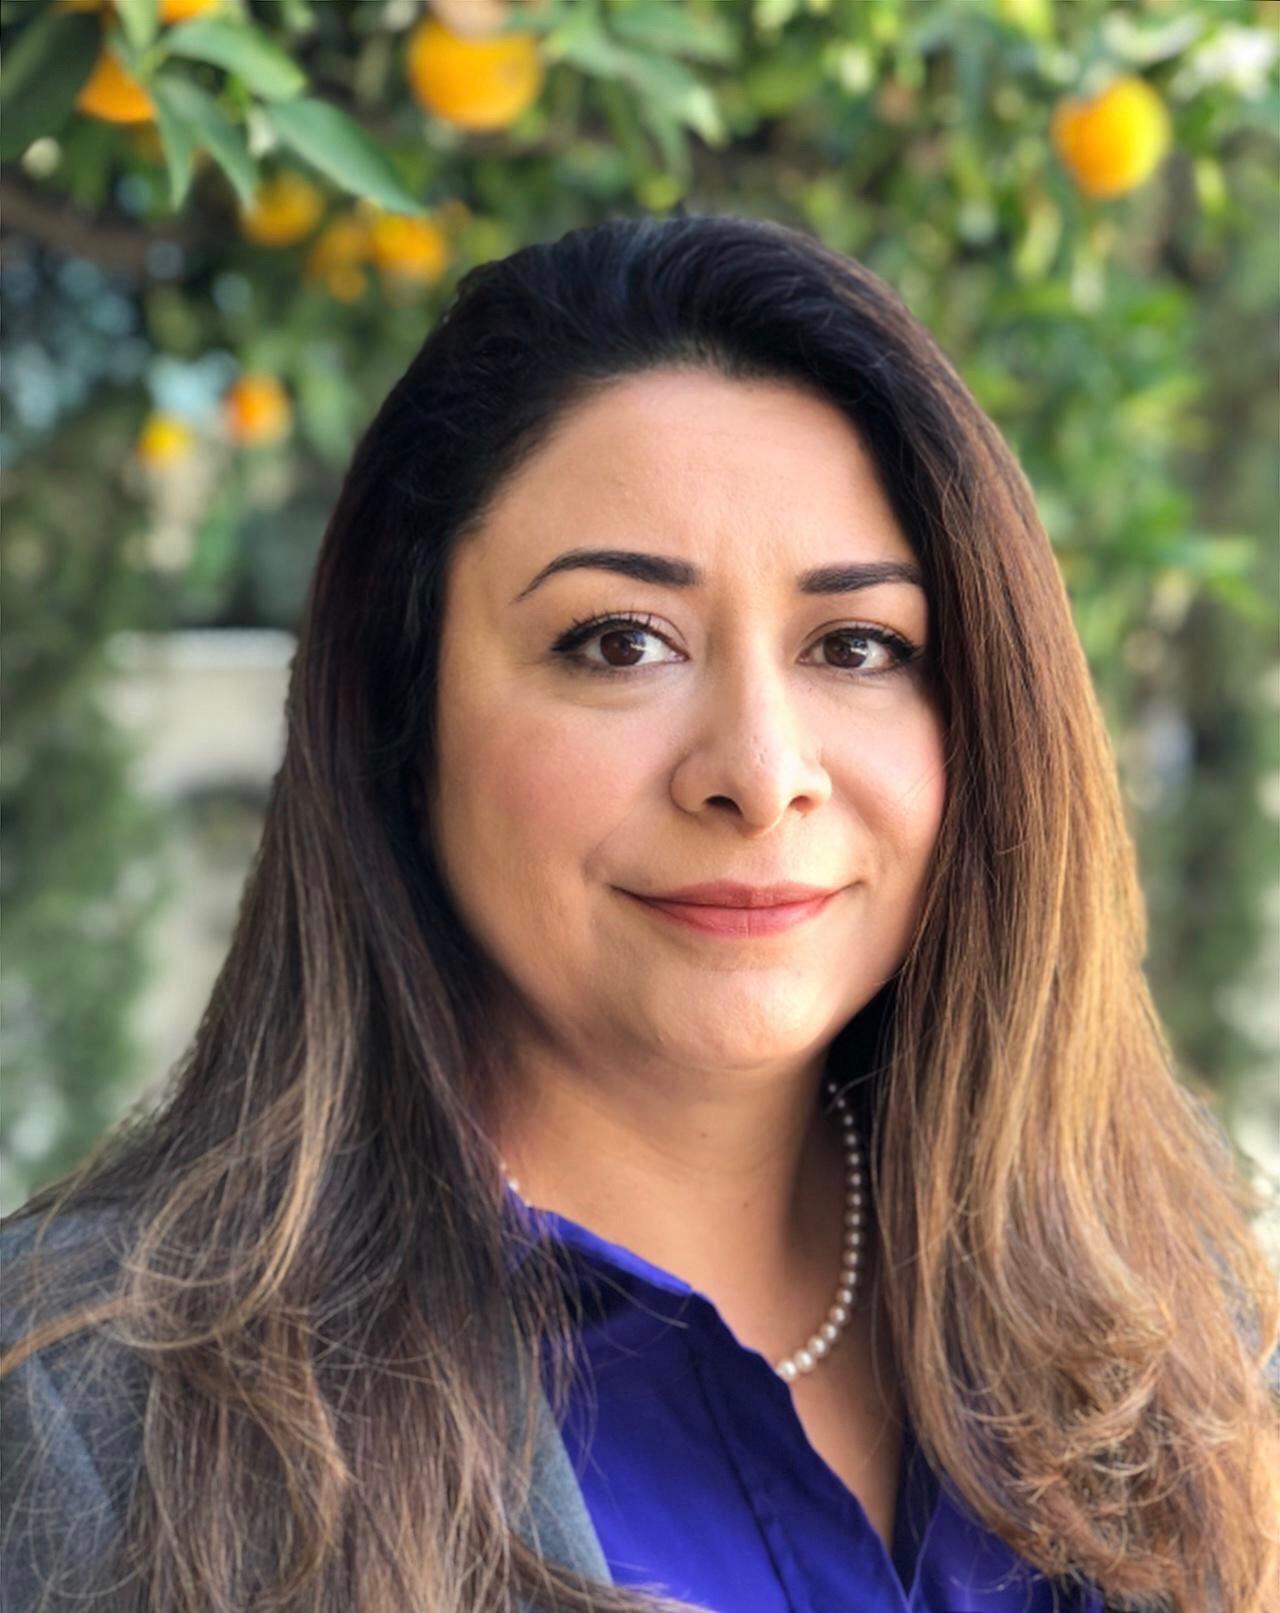 Claudia Toledo Corral Pic.jpg